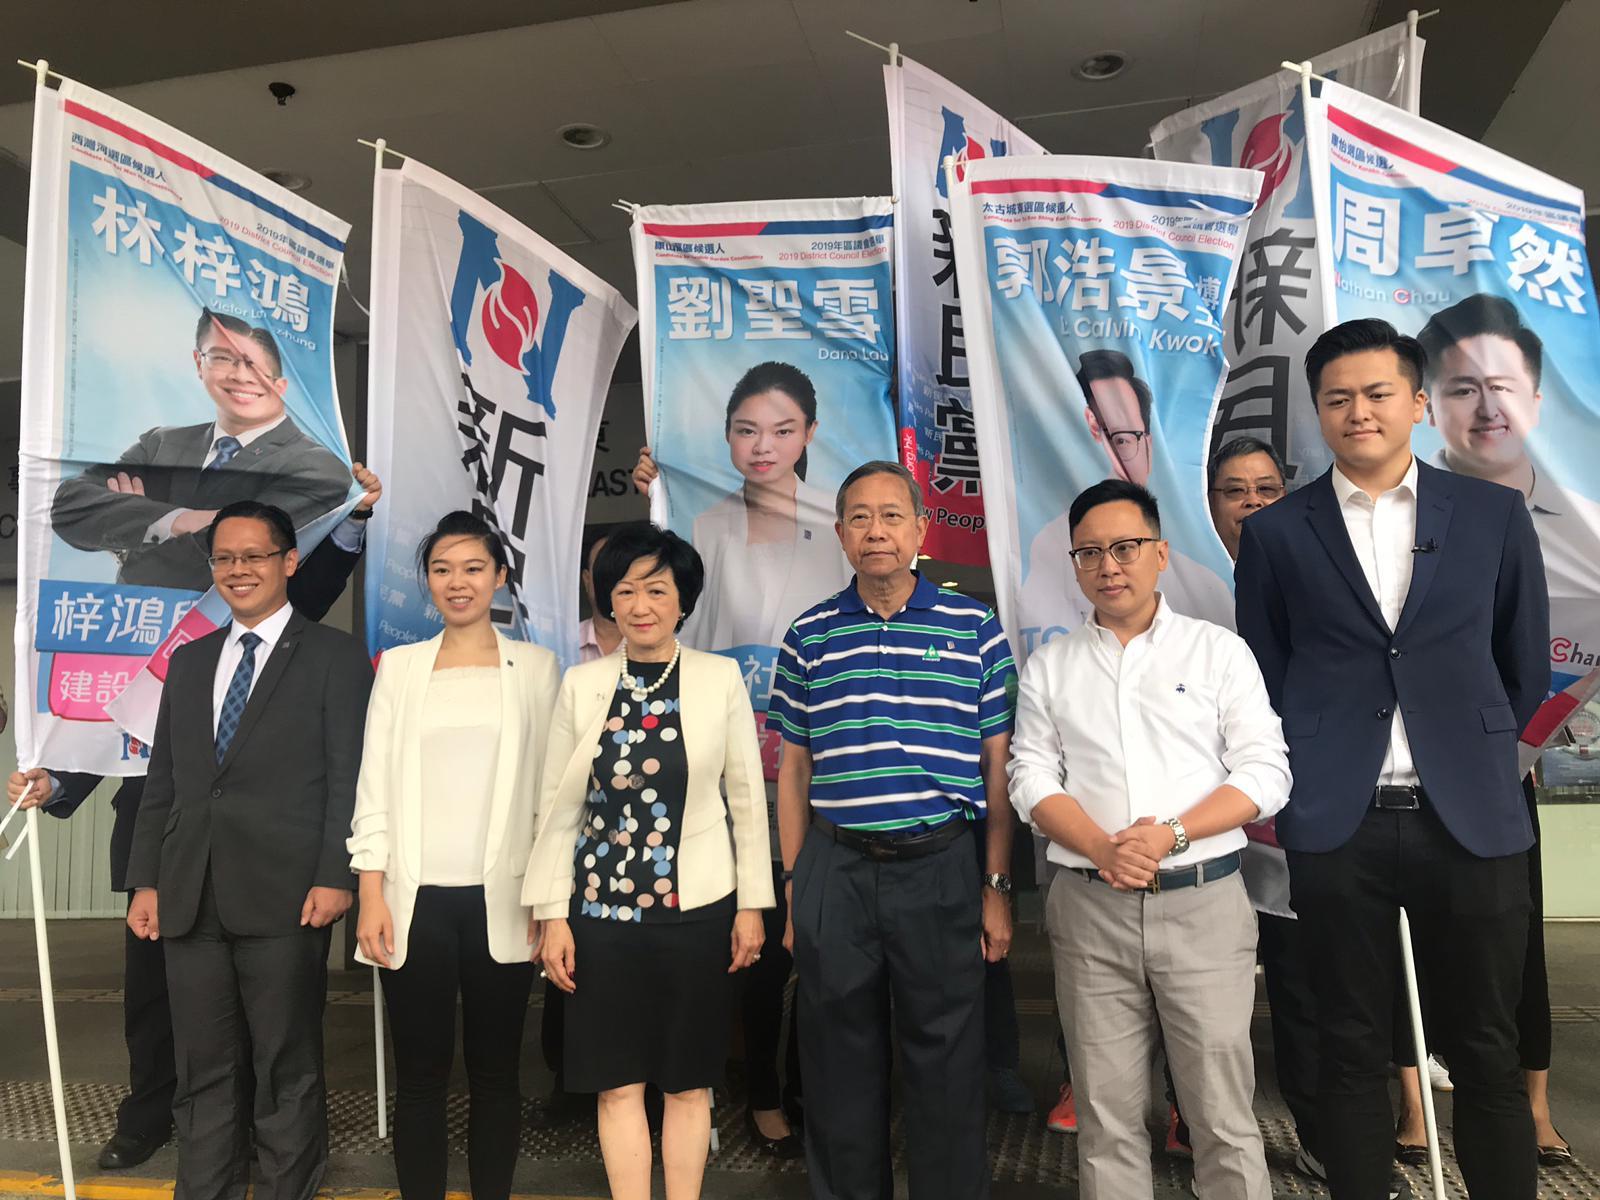 新民黨28人參與區選形勢艱險。